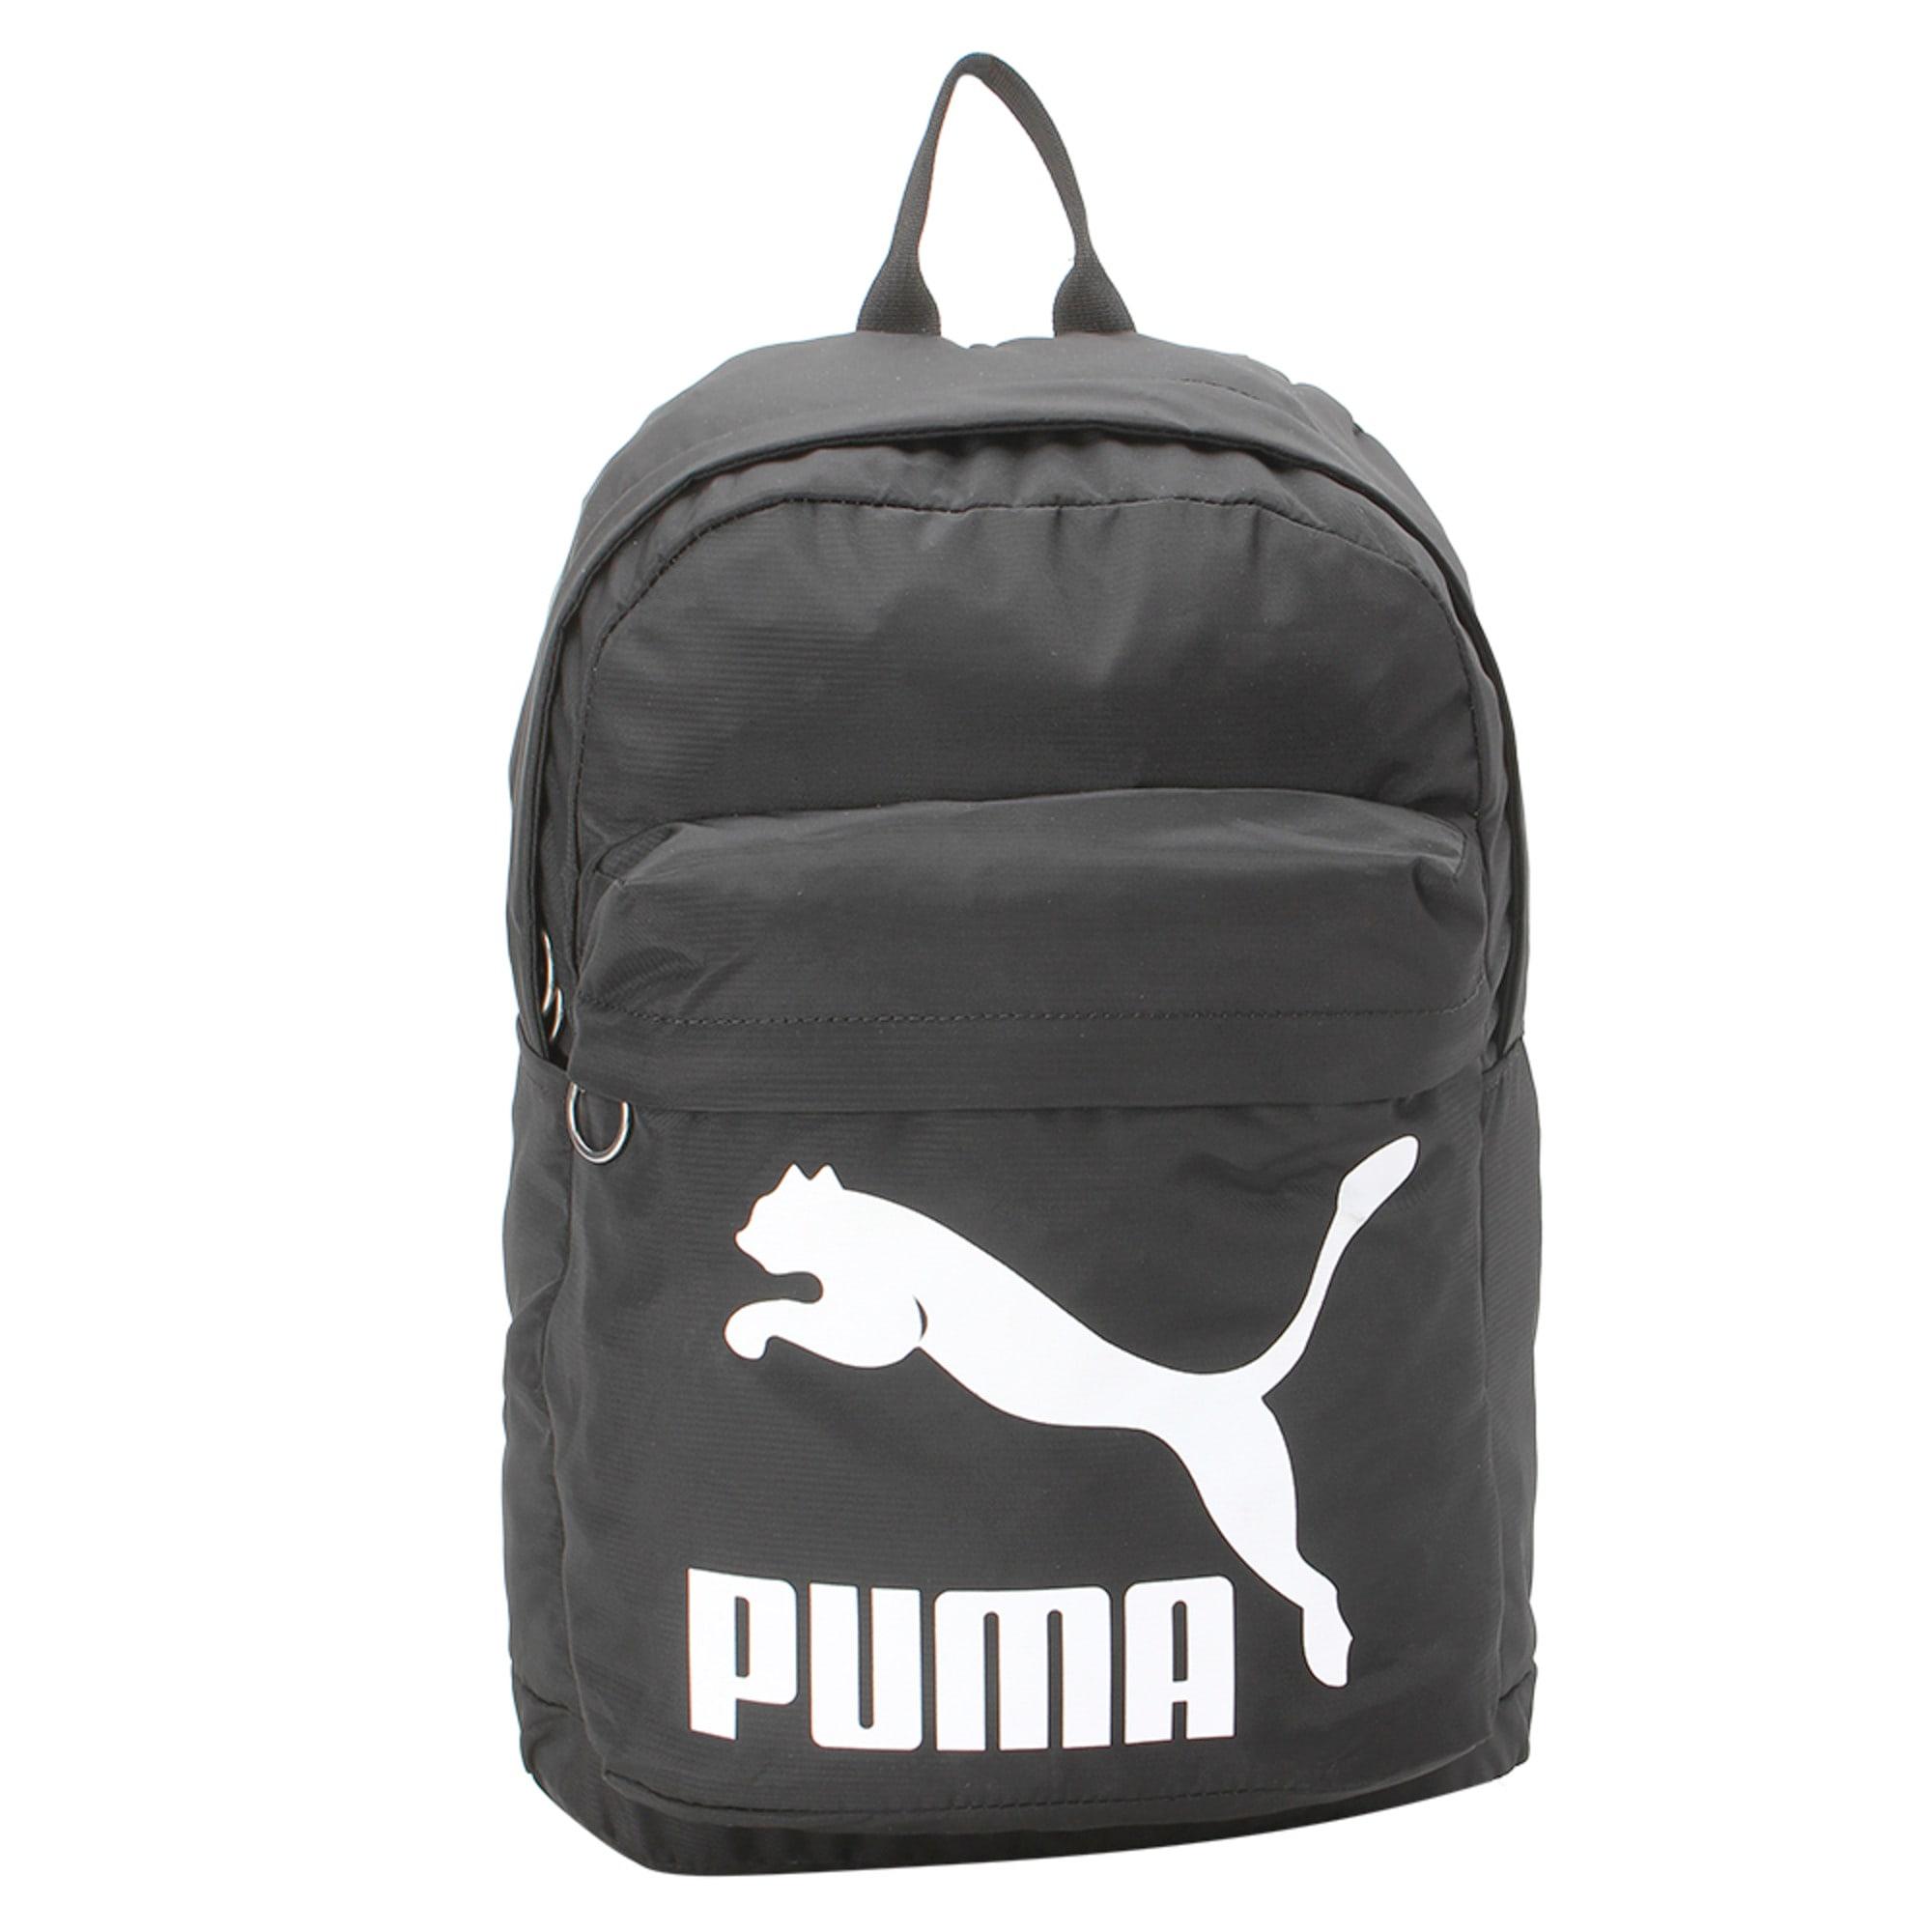 Thumbnail 1 of Originals Backpack, Puma Black, medium-IND